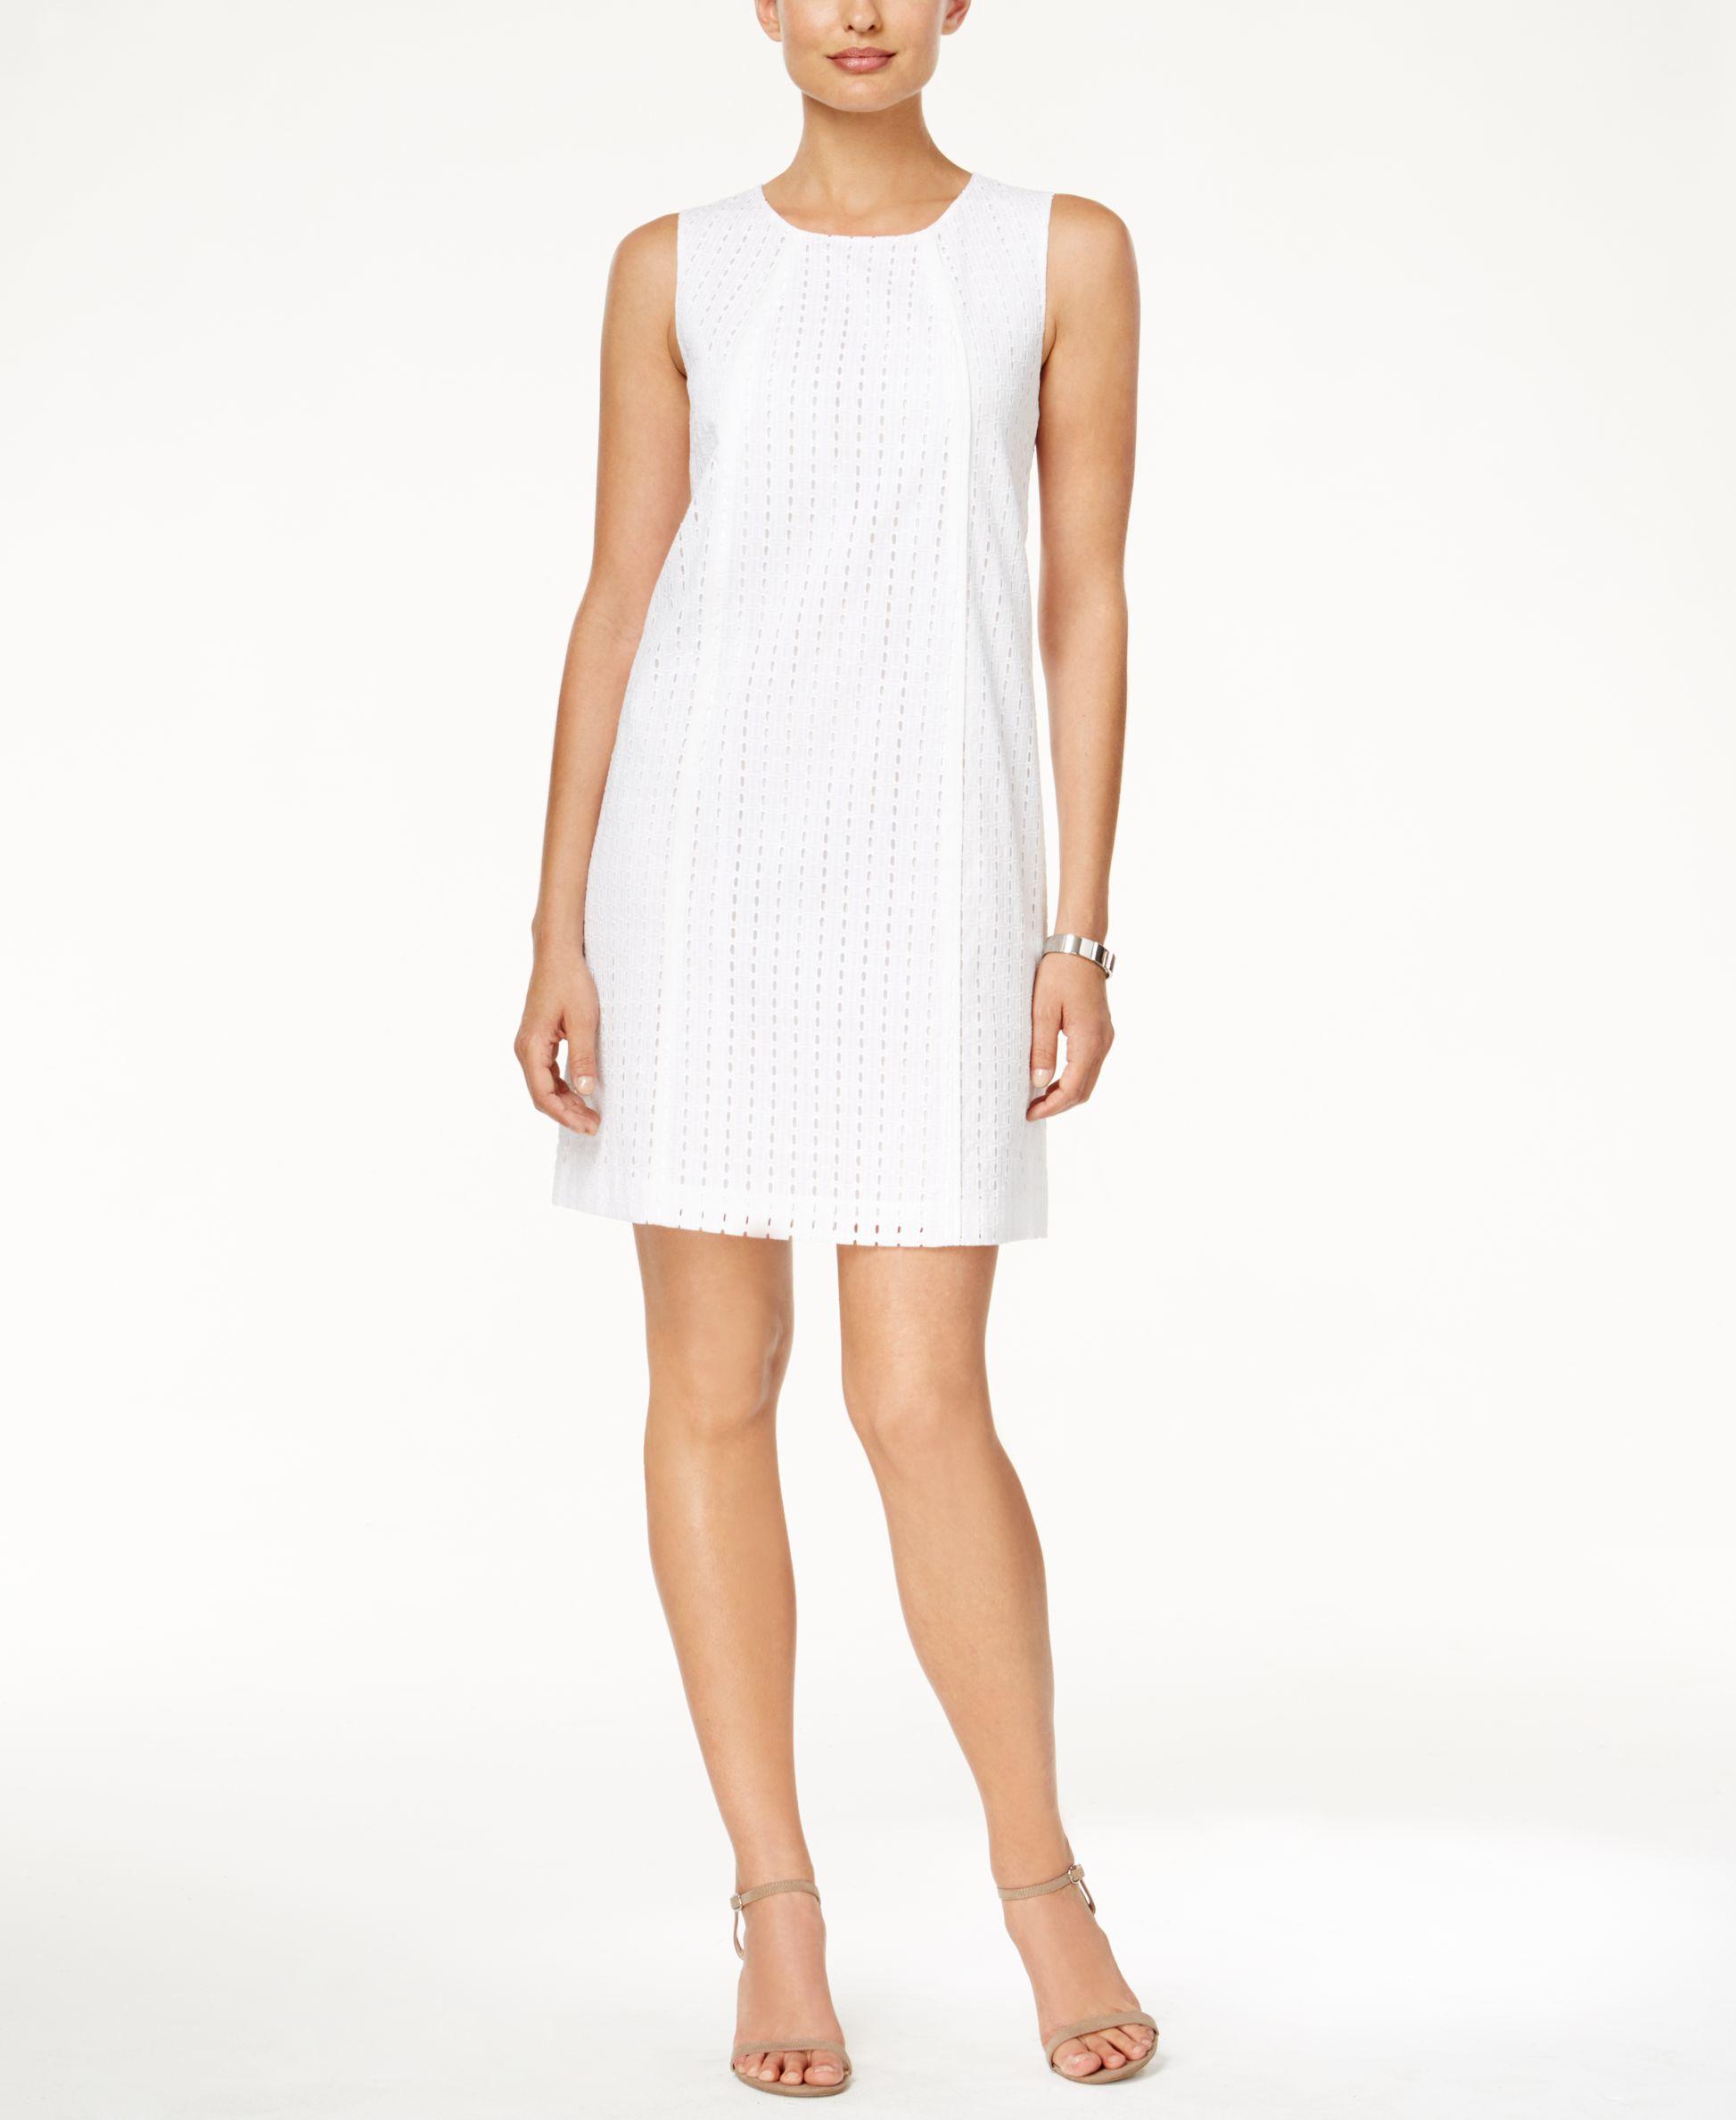 Tommy Hilfiger Eyelet Sleeveless Shift Dress In White Lyst